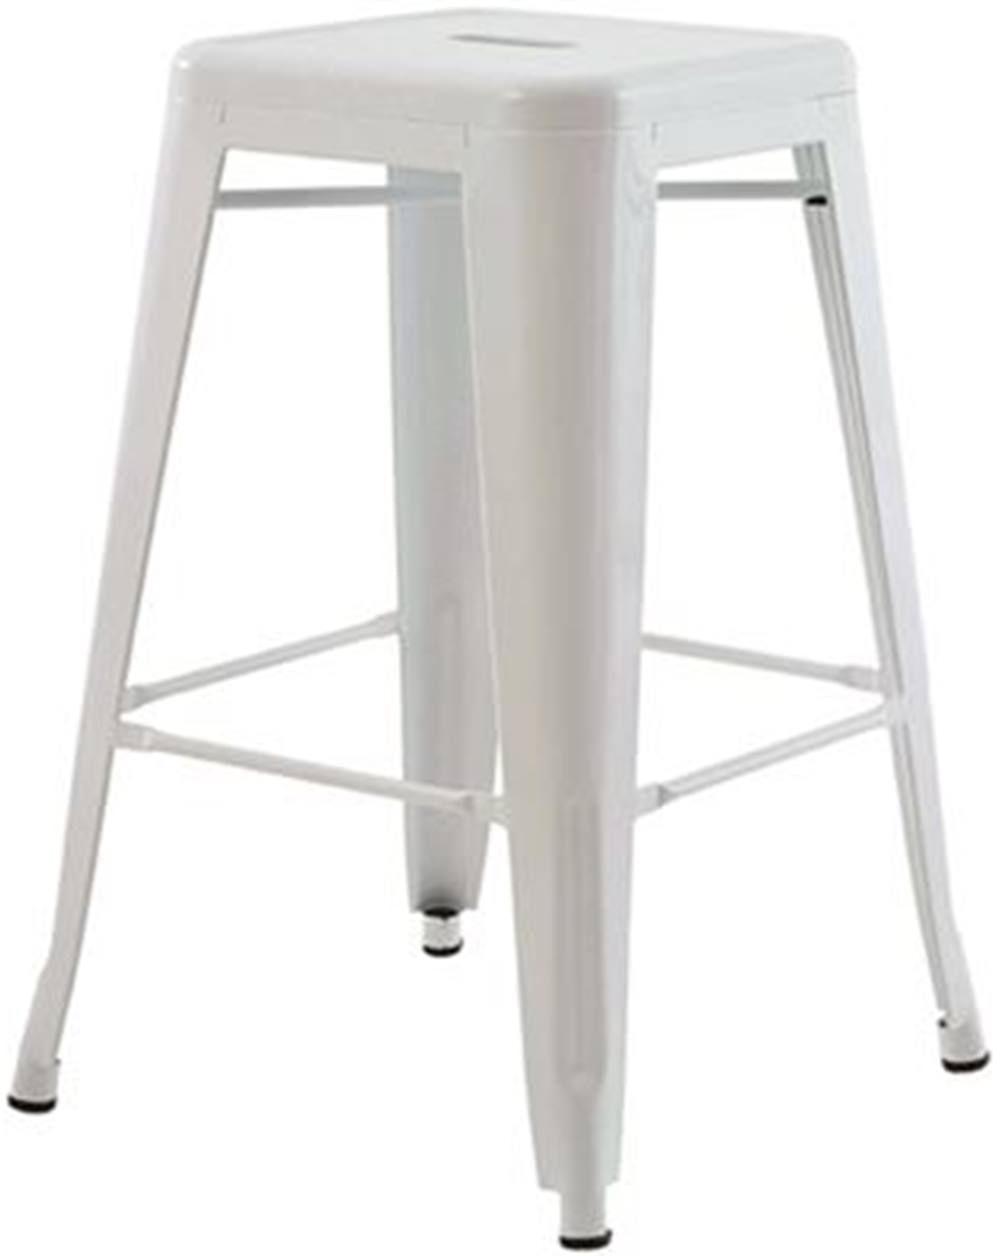 Banqueta Iron Medio Branca 61 cm (ALT) - 43432